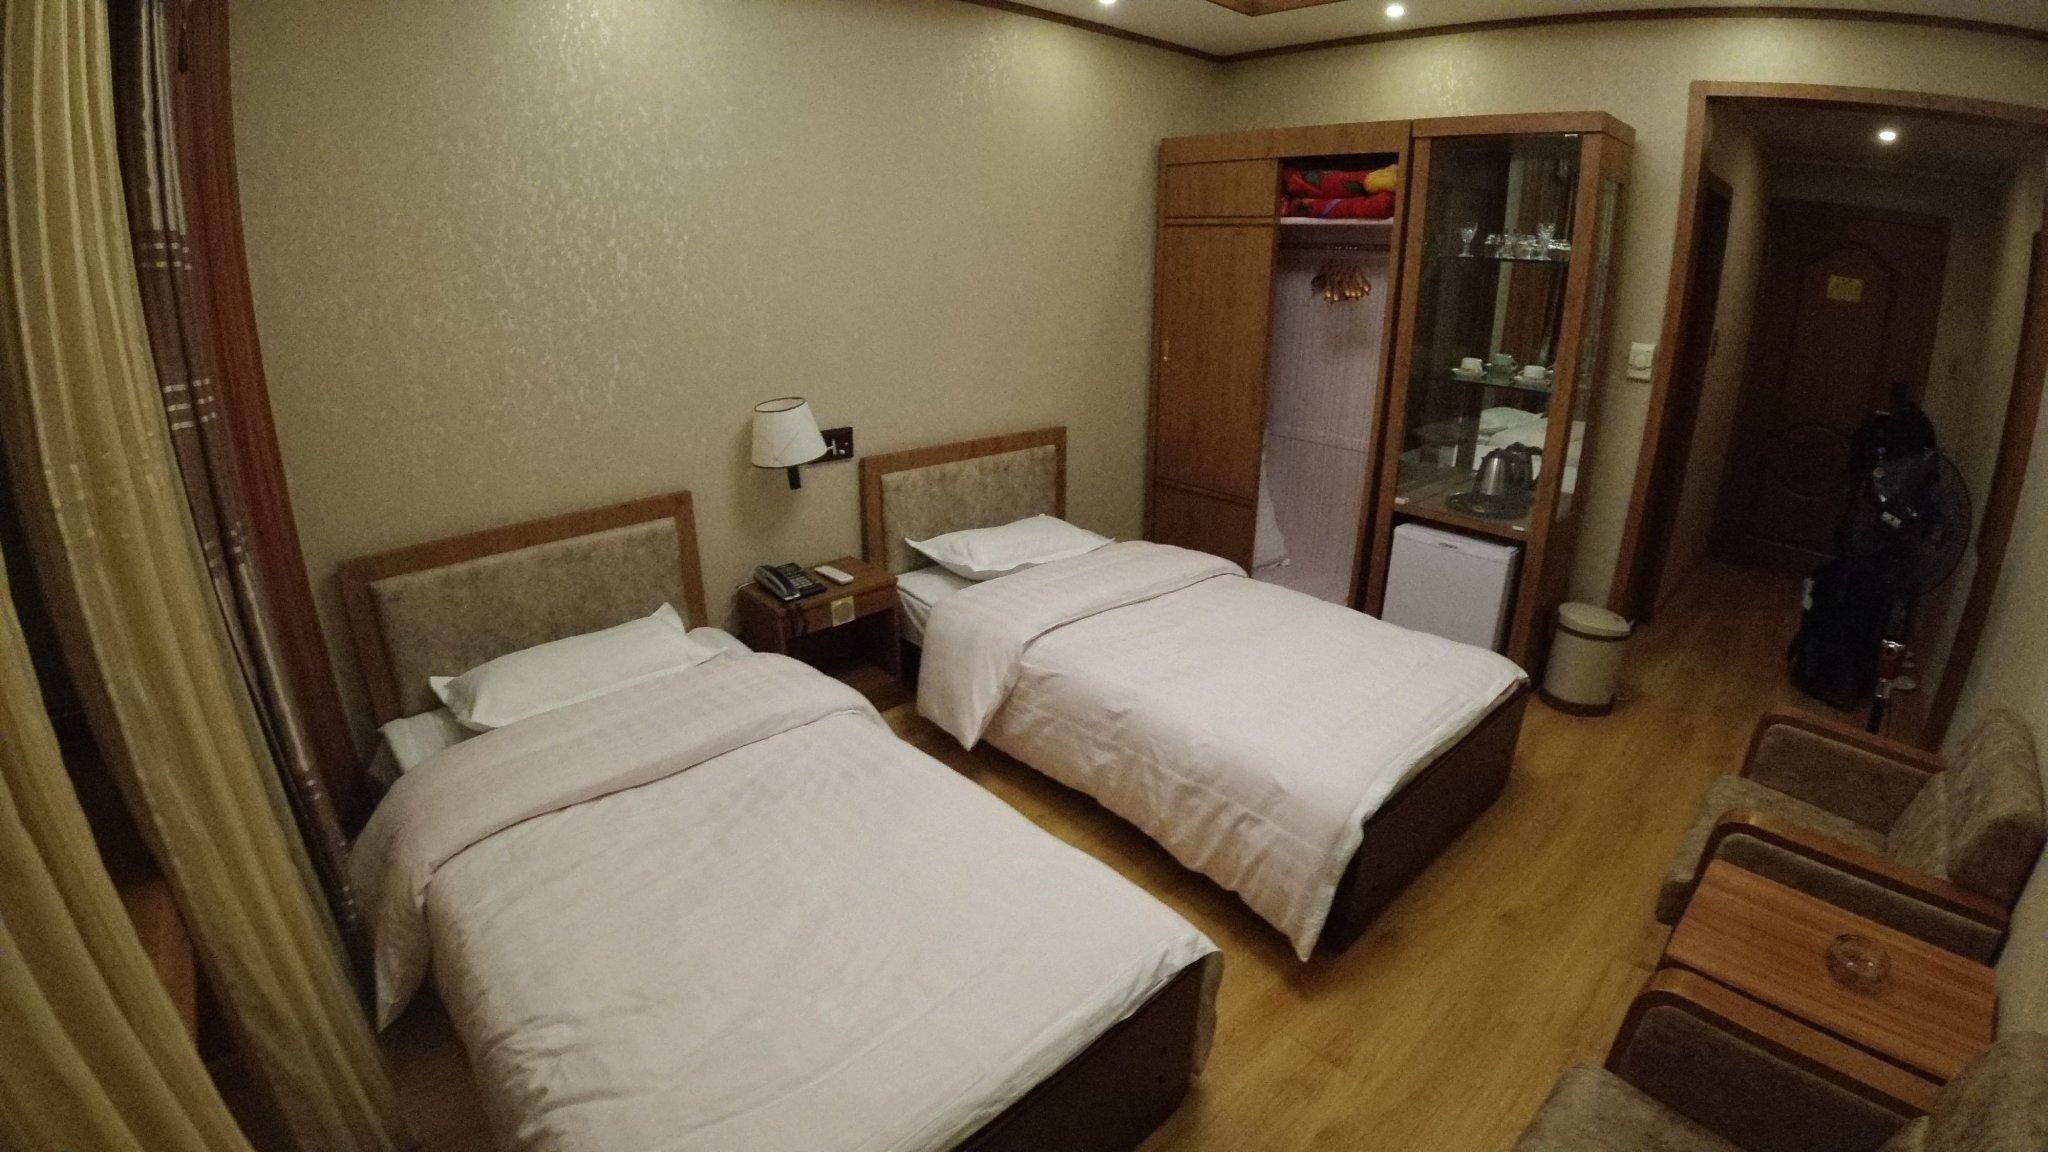 quarto de hotel em pyongyang viajar para a coreia do norte